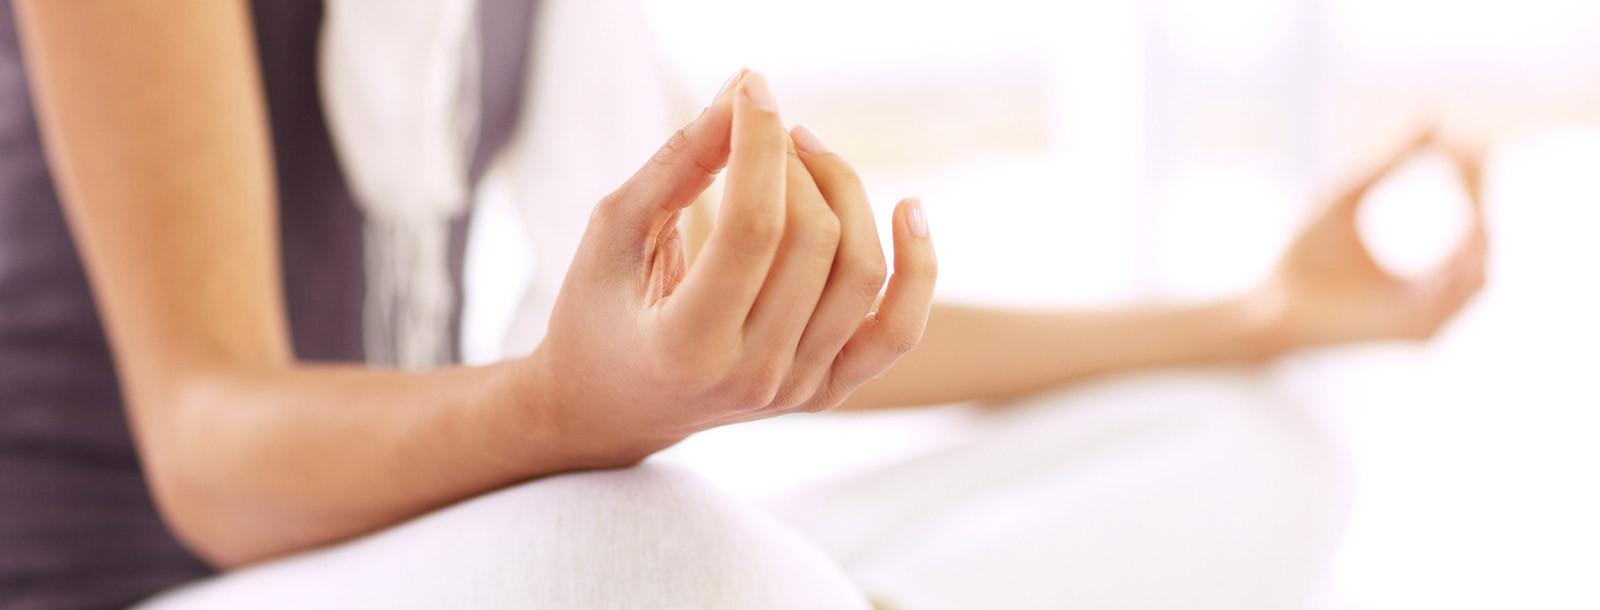 tratamiento natural para enfermedad gota que remedio sirve para la gota como tomar el apio para el acido urico